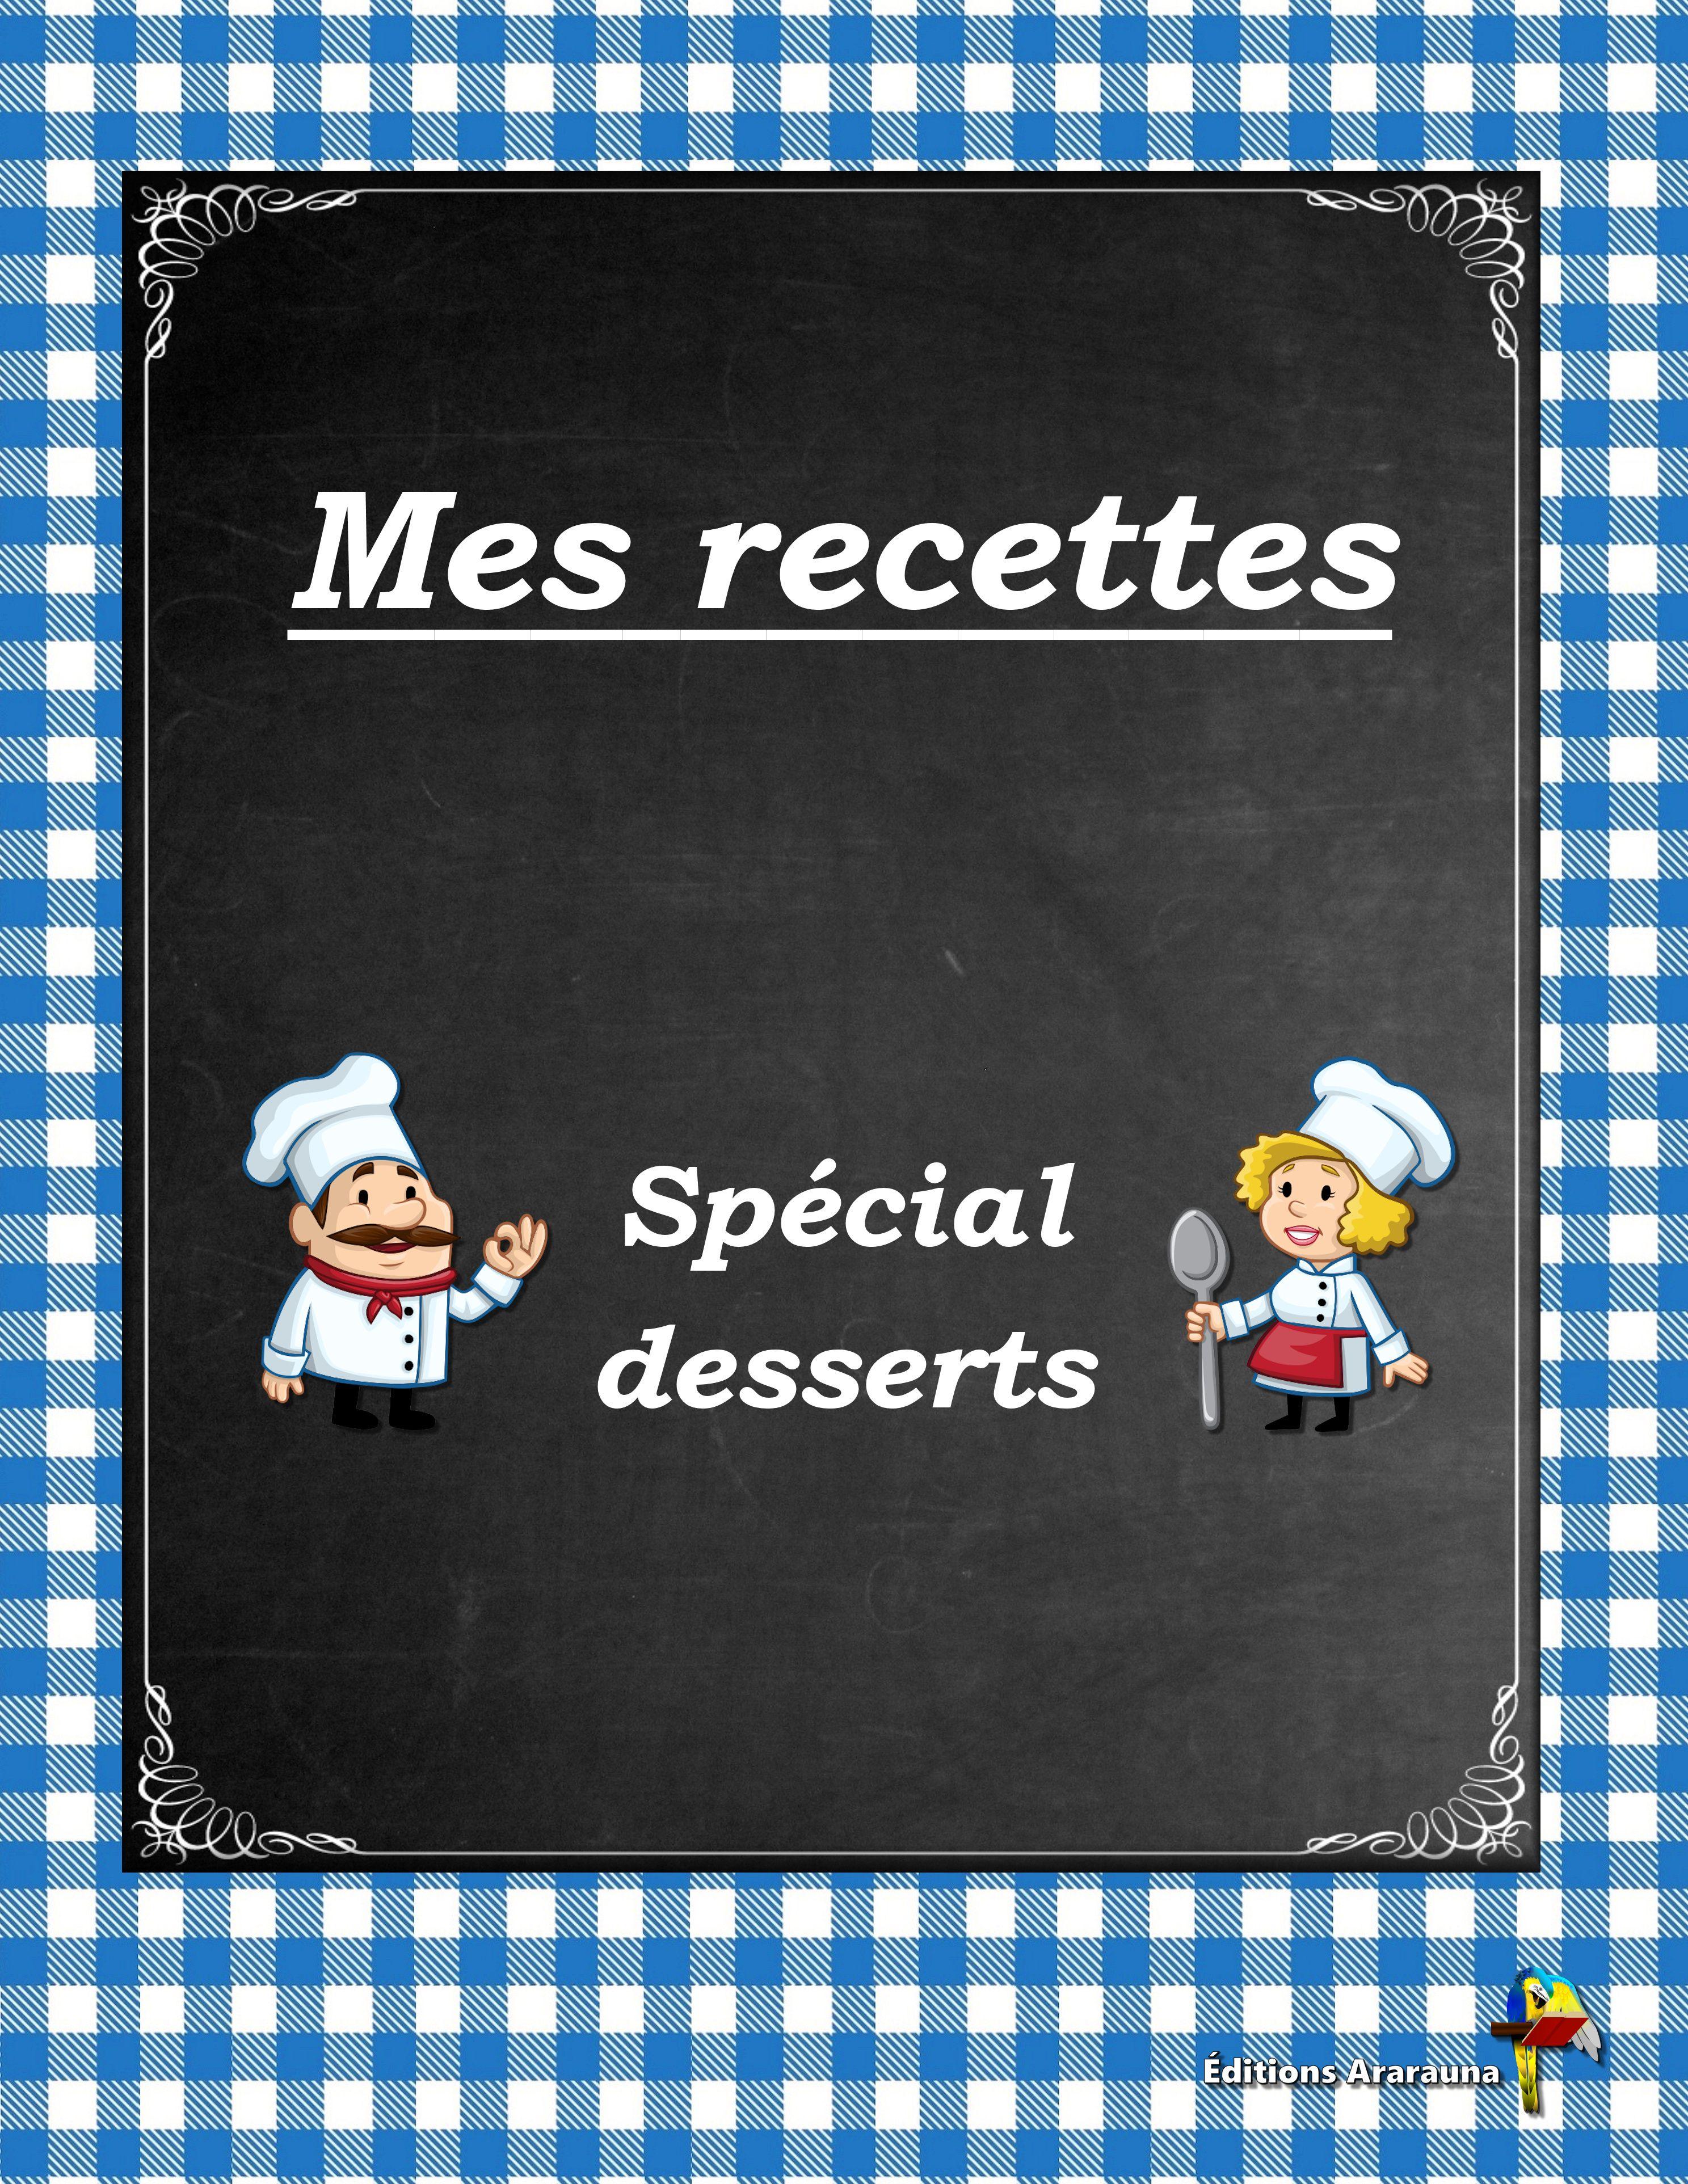 Mes Recettes Special Desserts Livre De Recettes De Cuisine Recettes Speciales Livre De Recette